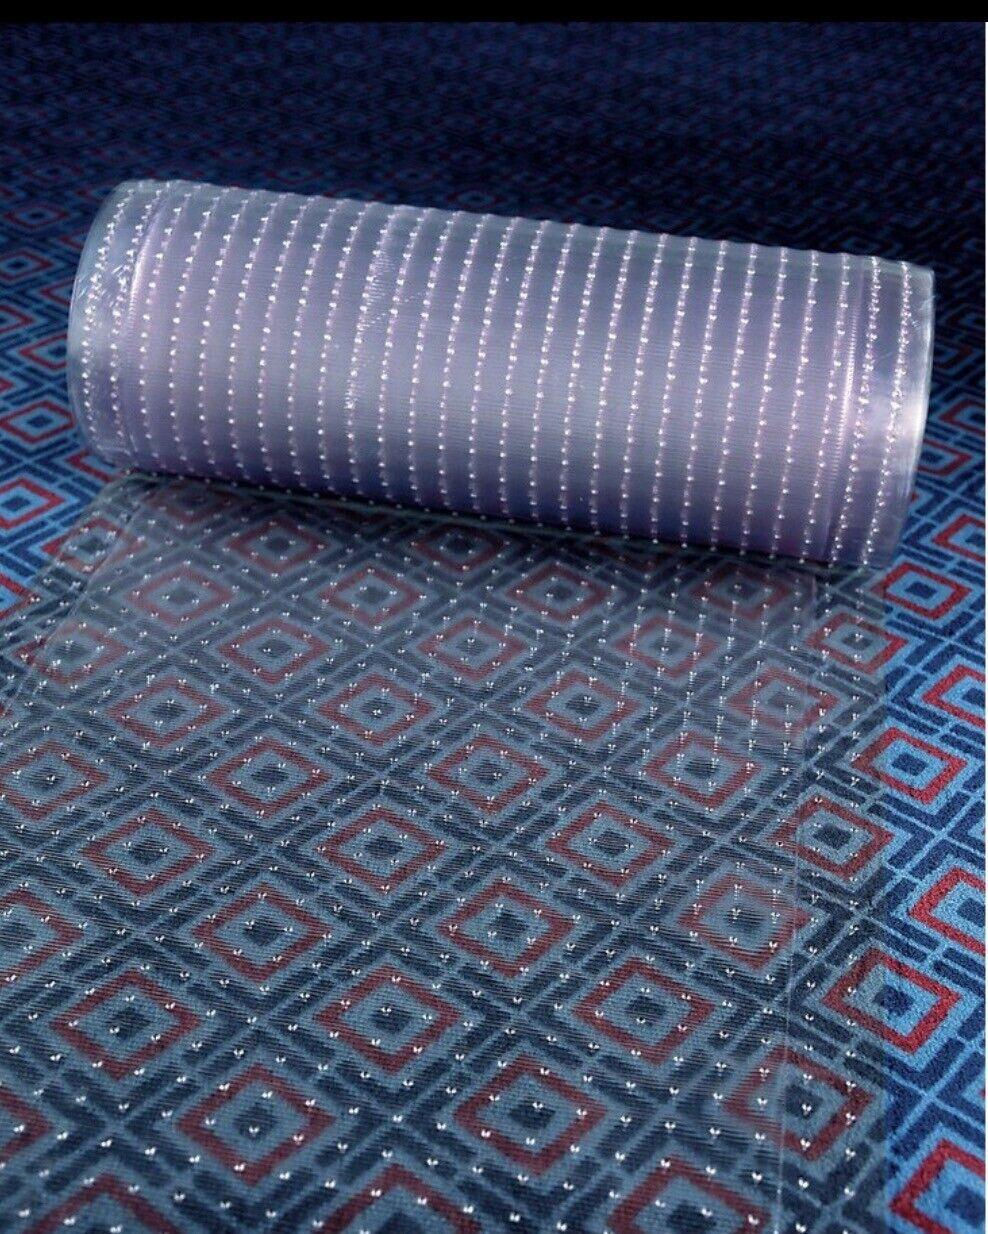 Clear vinyl plastic floor runner glove box jump starter